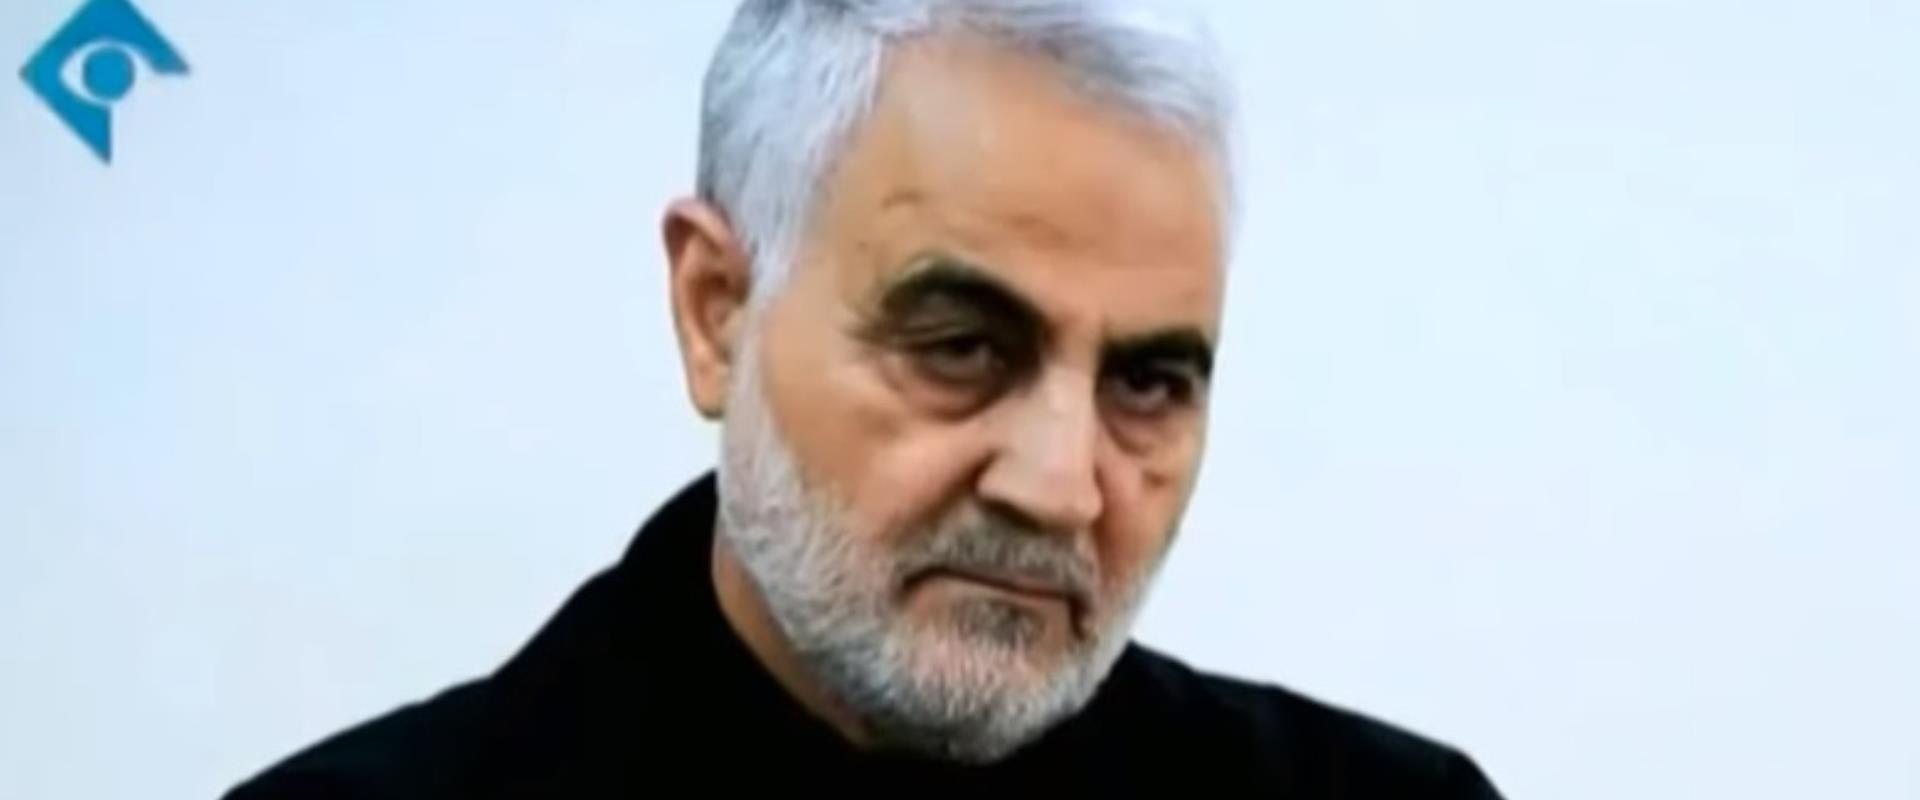 קאסם סולימאני, ארכיון